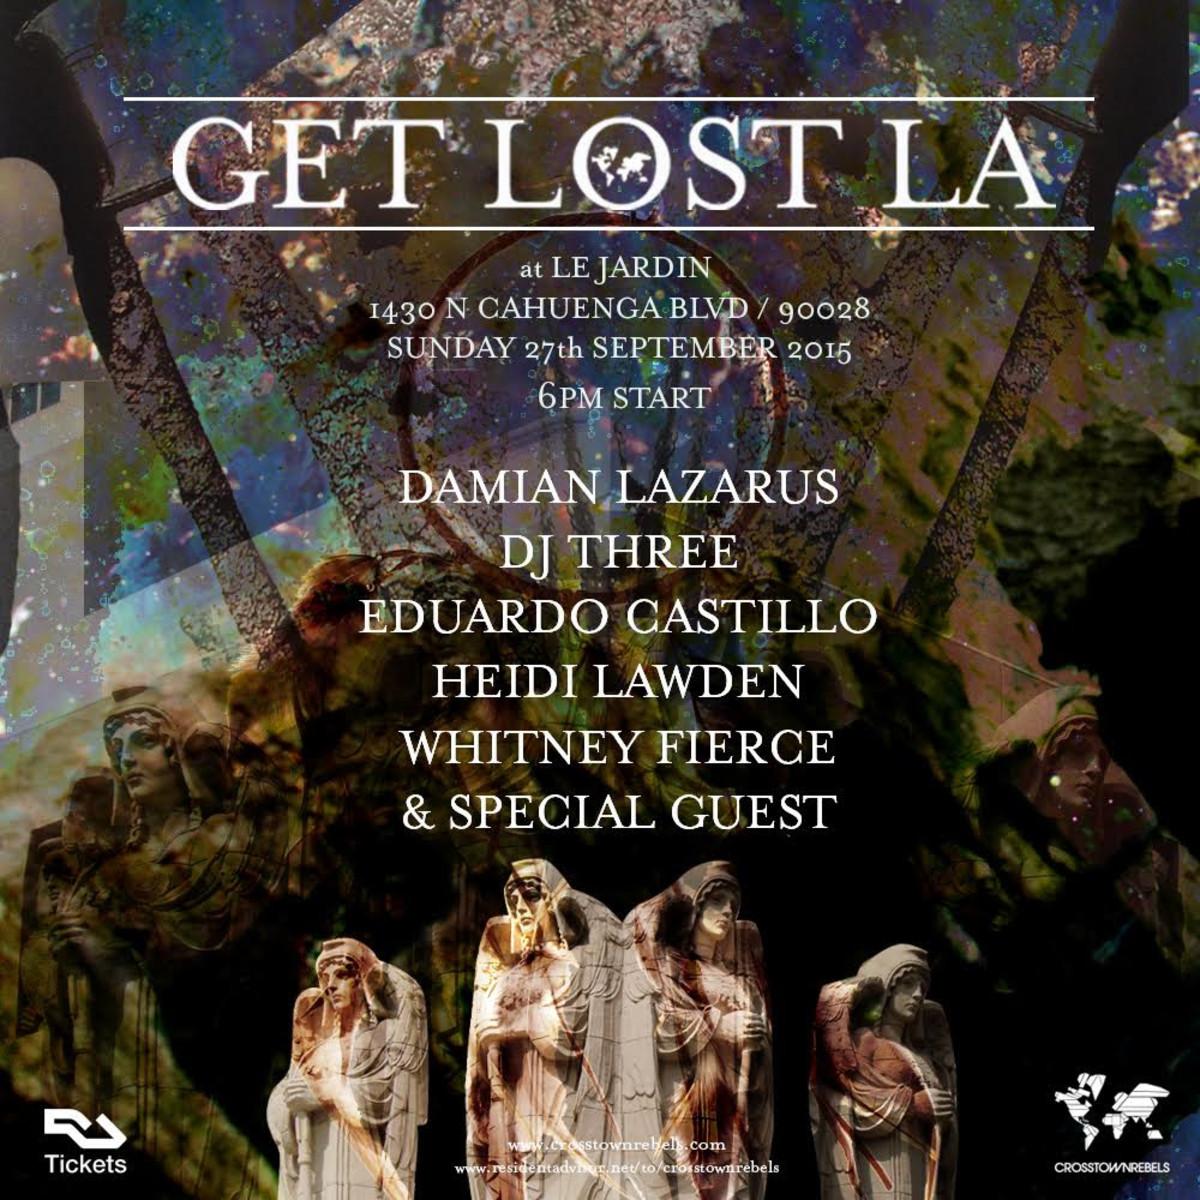 Get Lost LA 2015